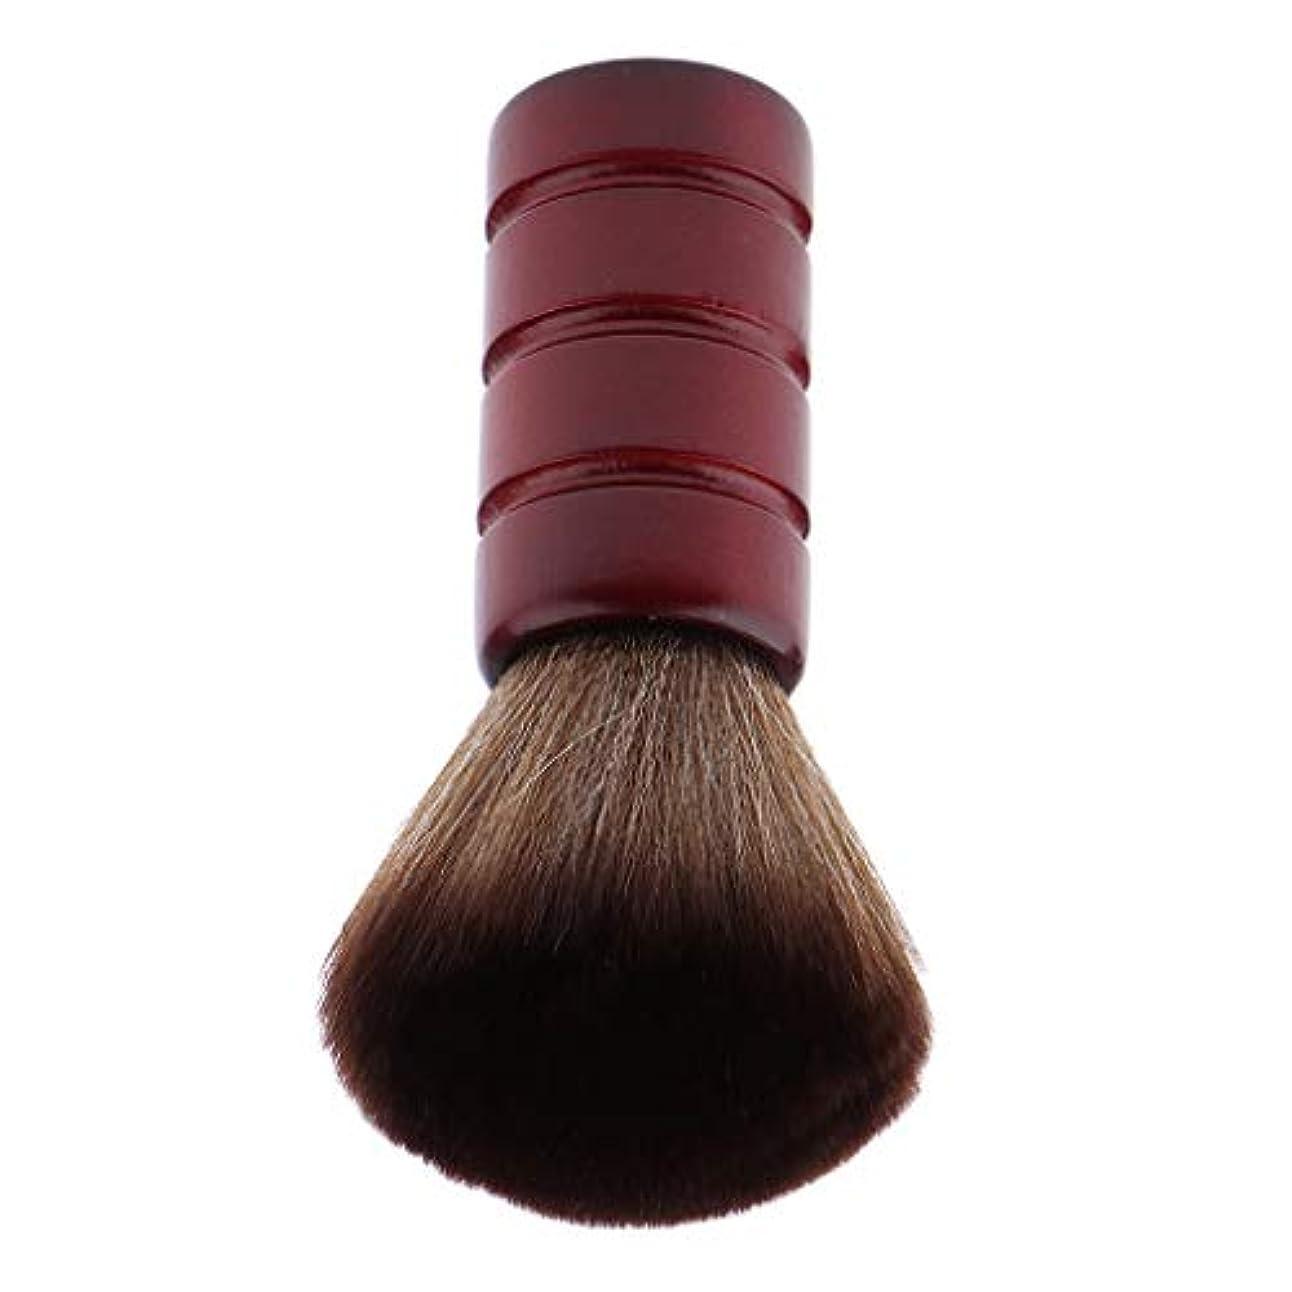 入り口前件時F Fityle バーバー ネックダスターブラシ 理髪 サロン 顔のダスターブラシ シェービング ヘアカット ブラシ